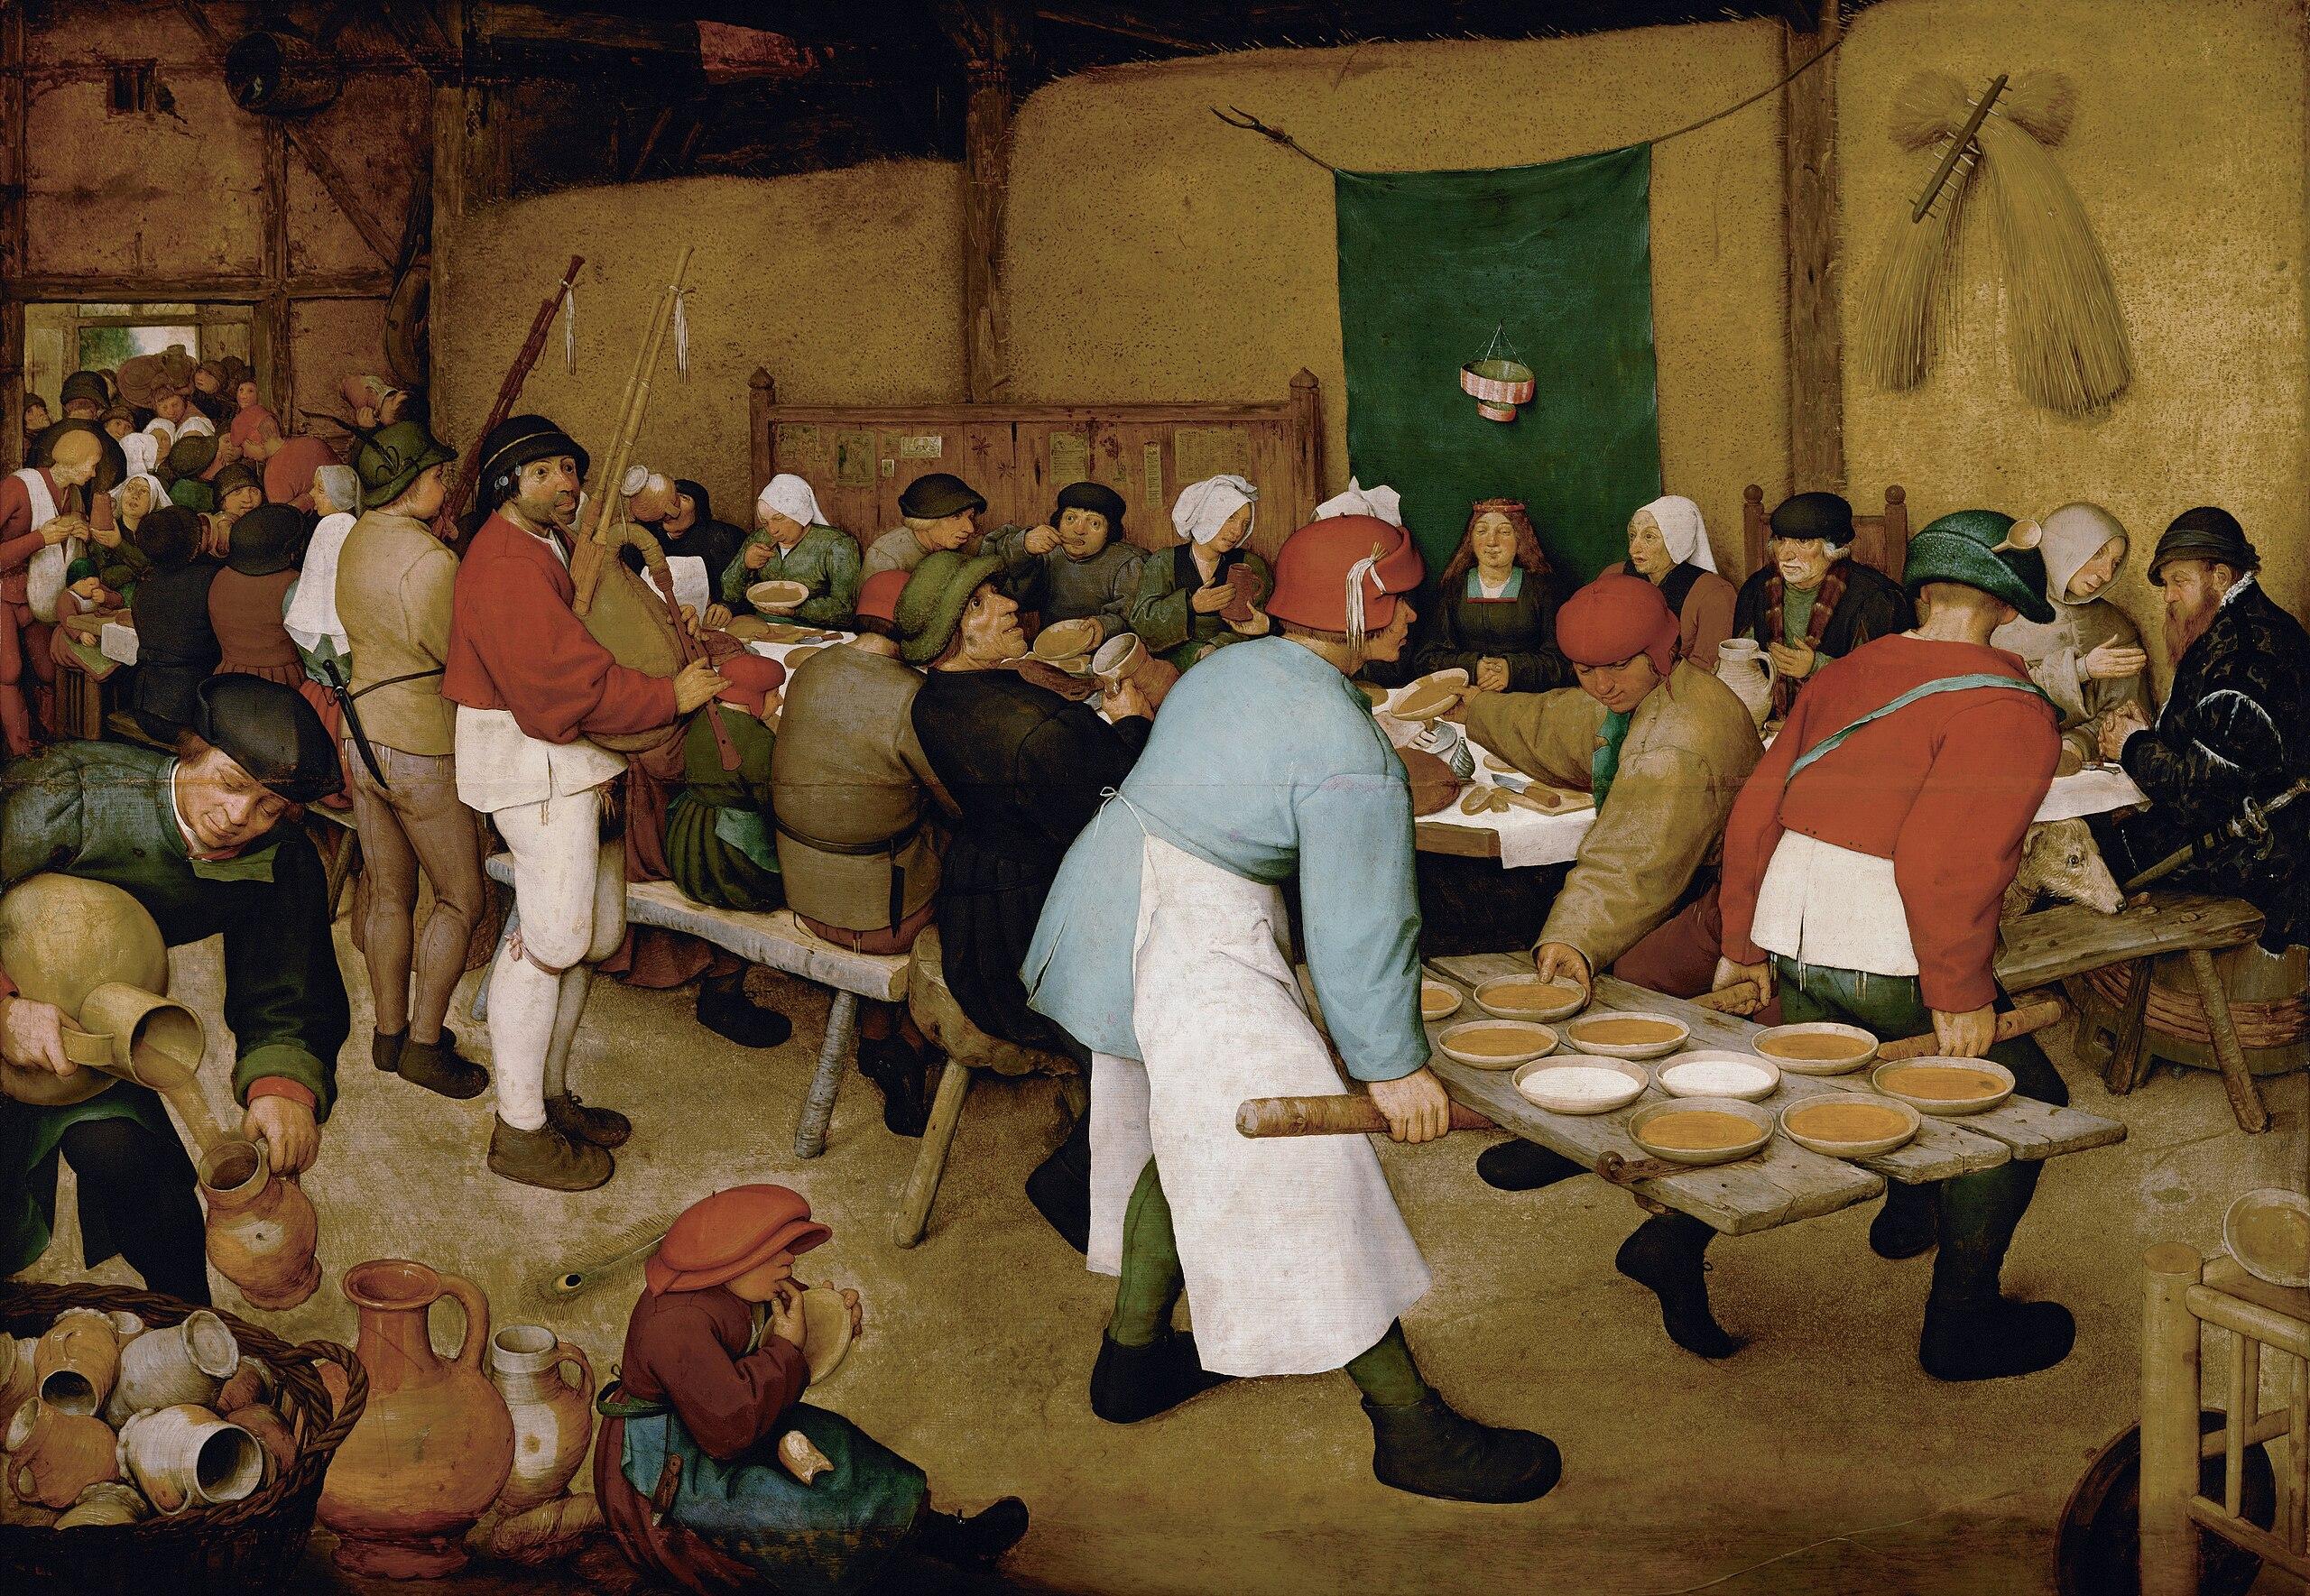 wedding in art: Pieter Bruegel the Elder, Peasant Wedding, ca. 1566 to 1569, Kunsthistorisches Museum, Vienna, Austria.